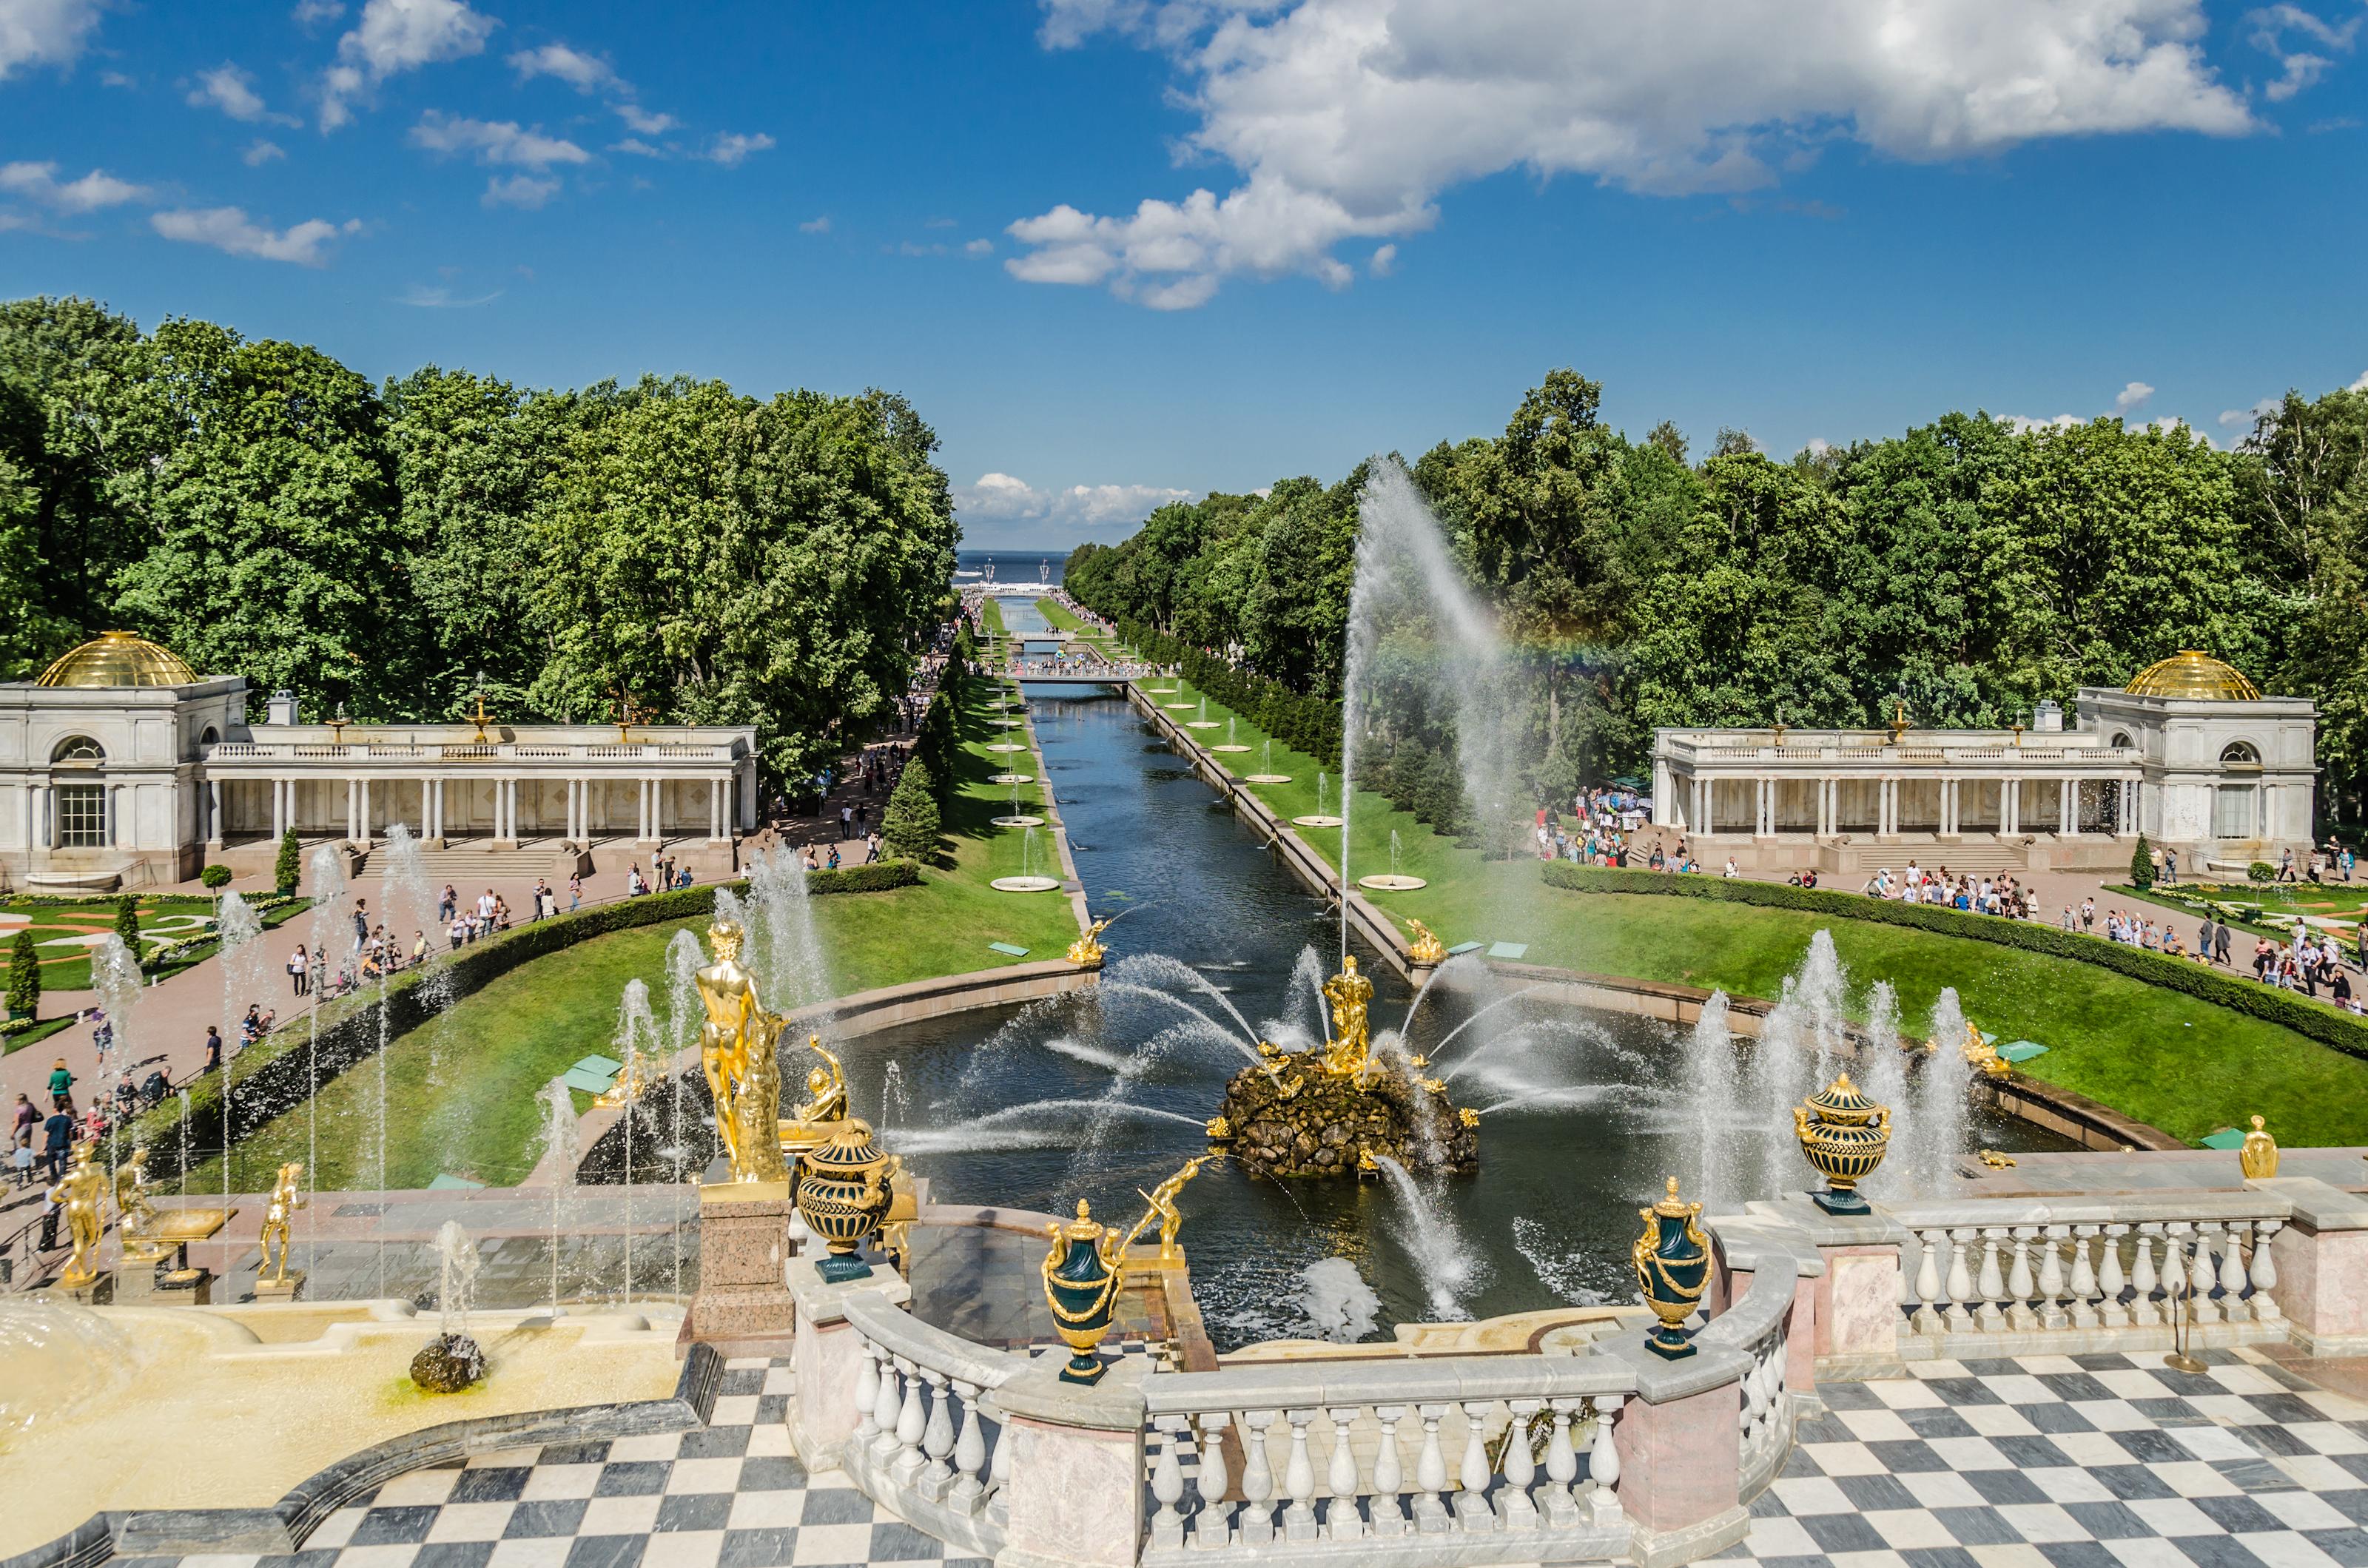 Картинки по запросу Нижний парк фонтанов санкт петербург